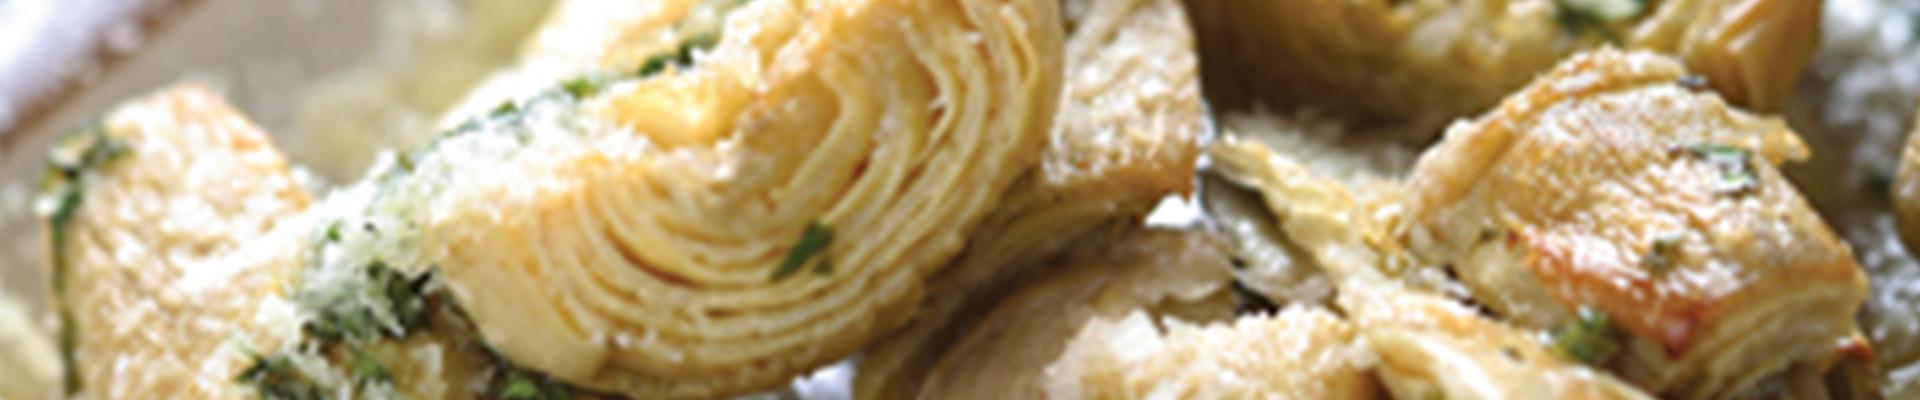 how to prepare artichoke hearts